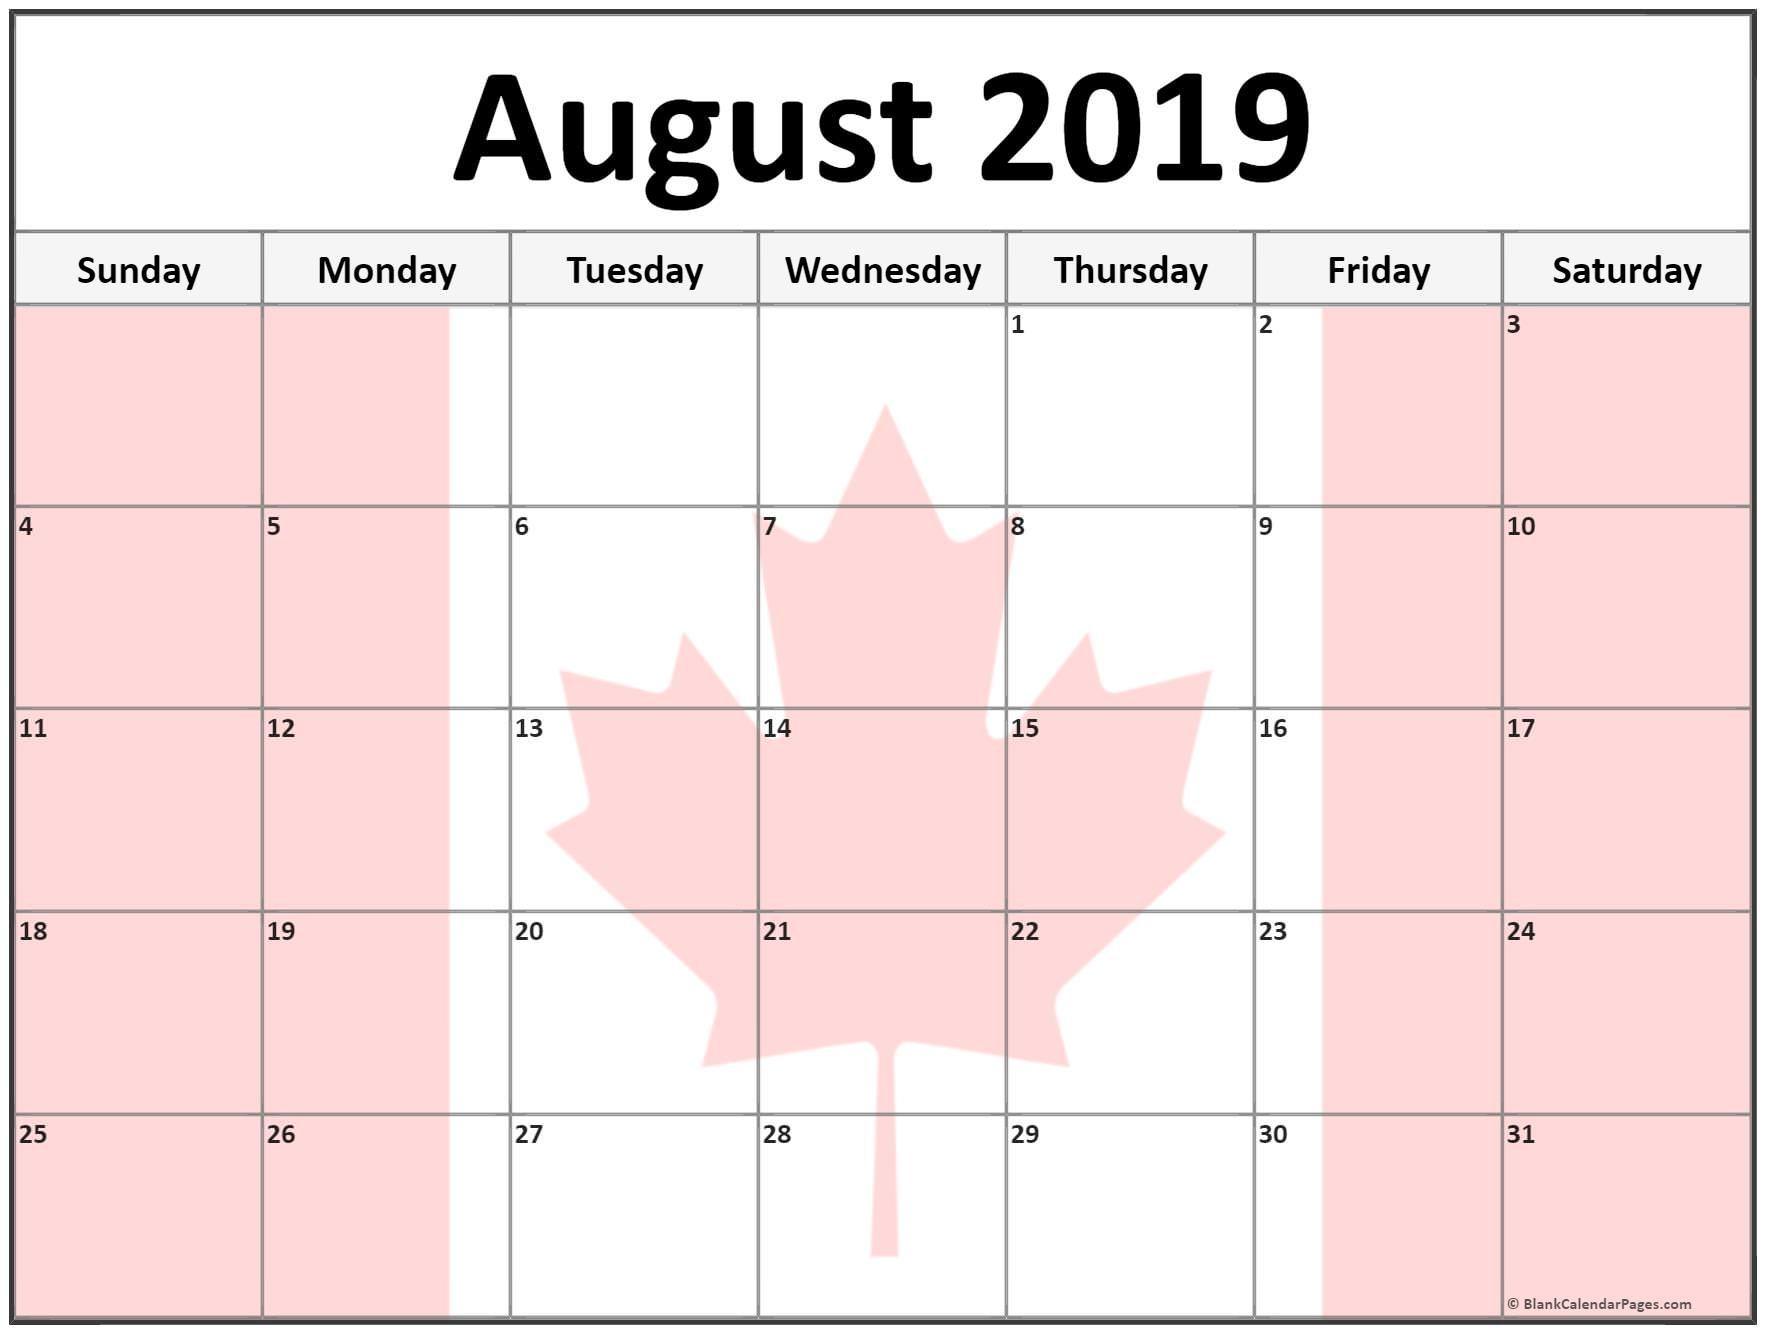 August 2019 Calendar Canada August2019 AugustCalendar